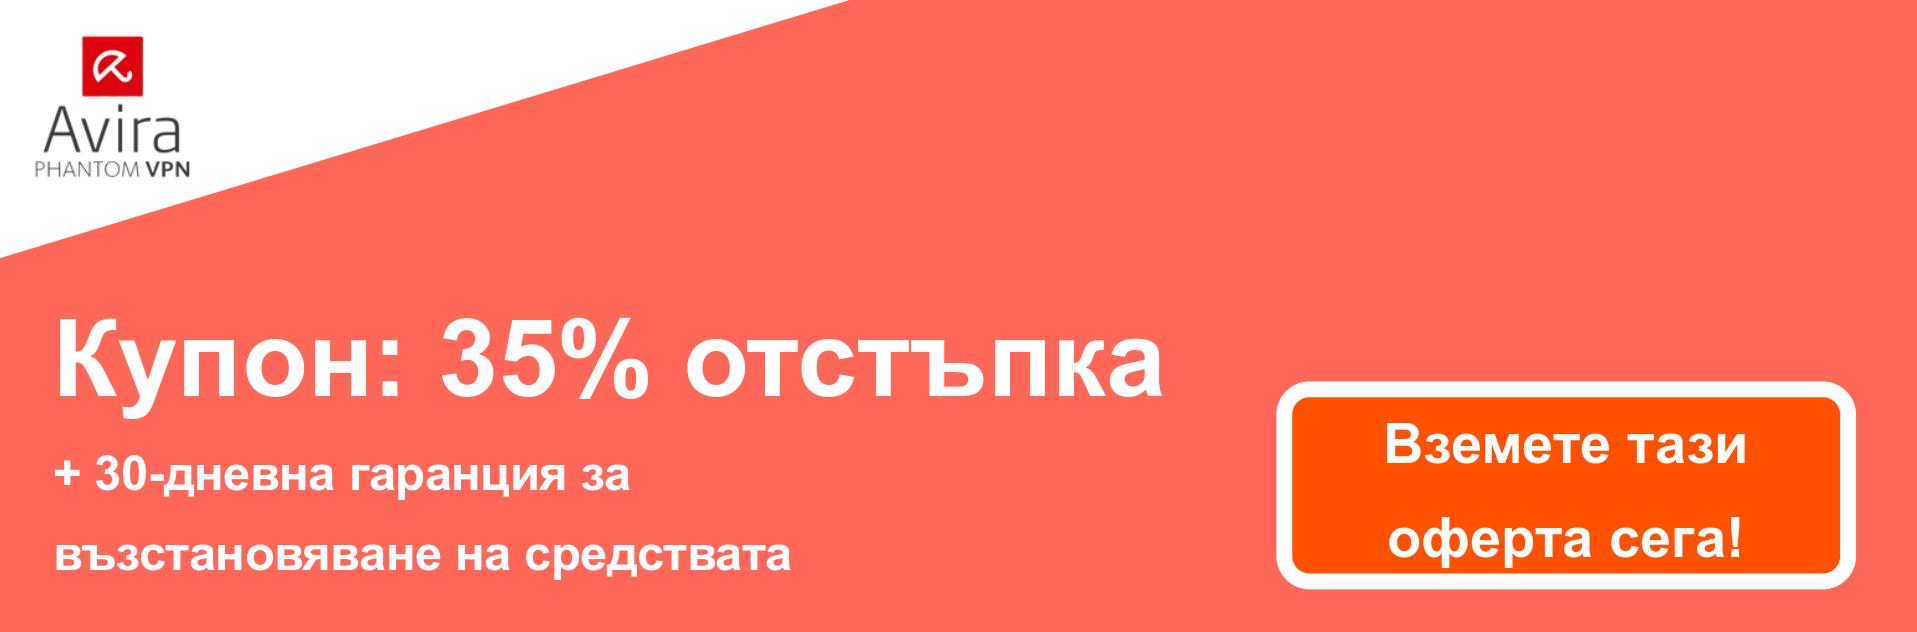 Банер за купони на AviraVPN - отстъпка 35%